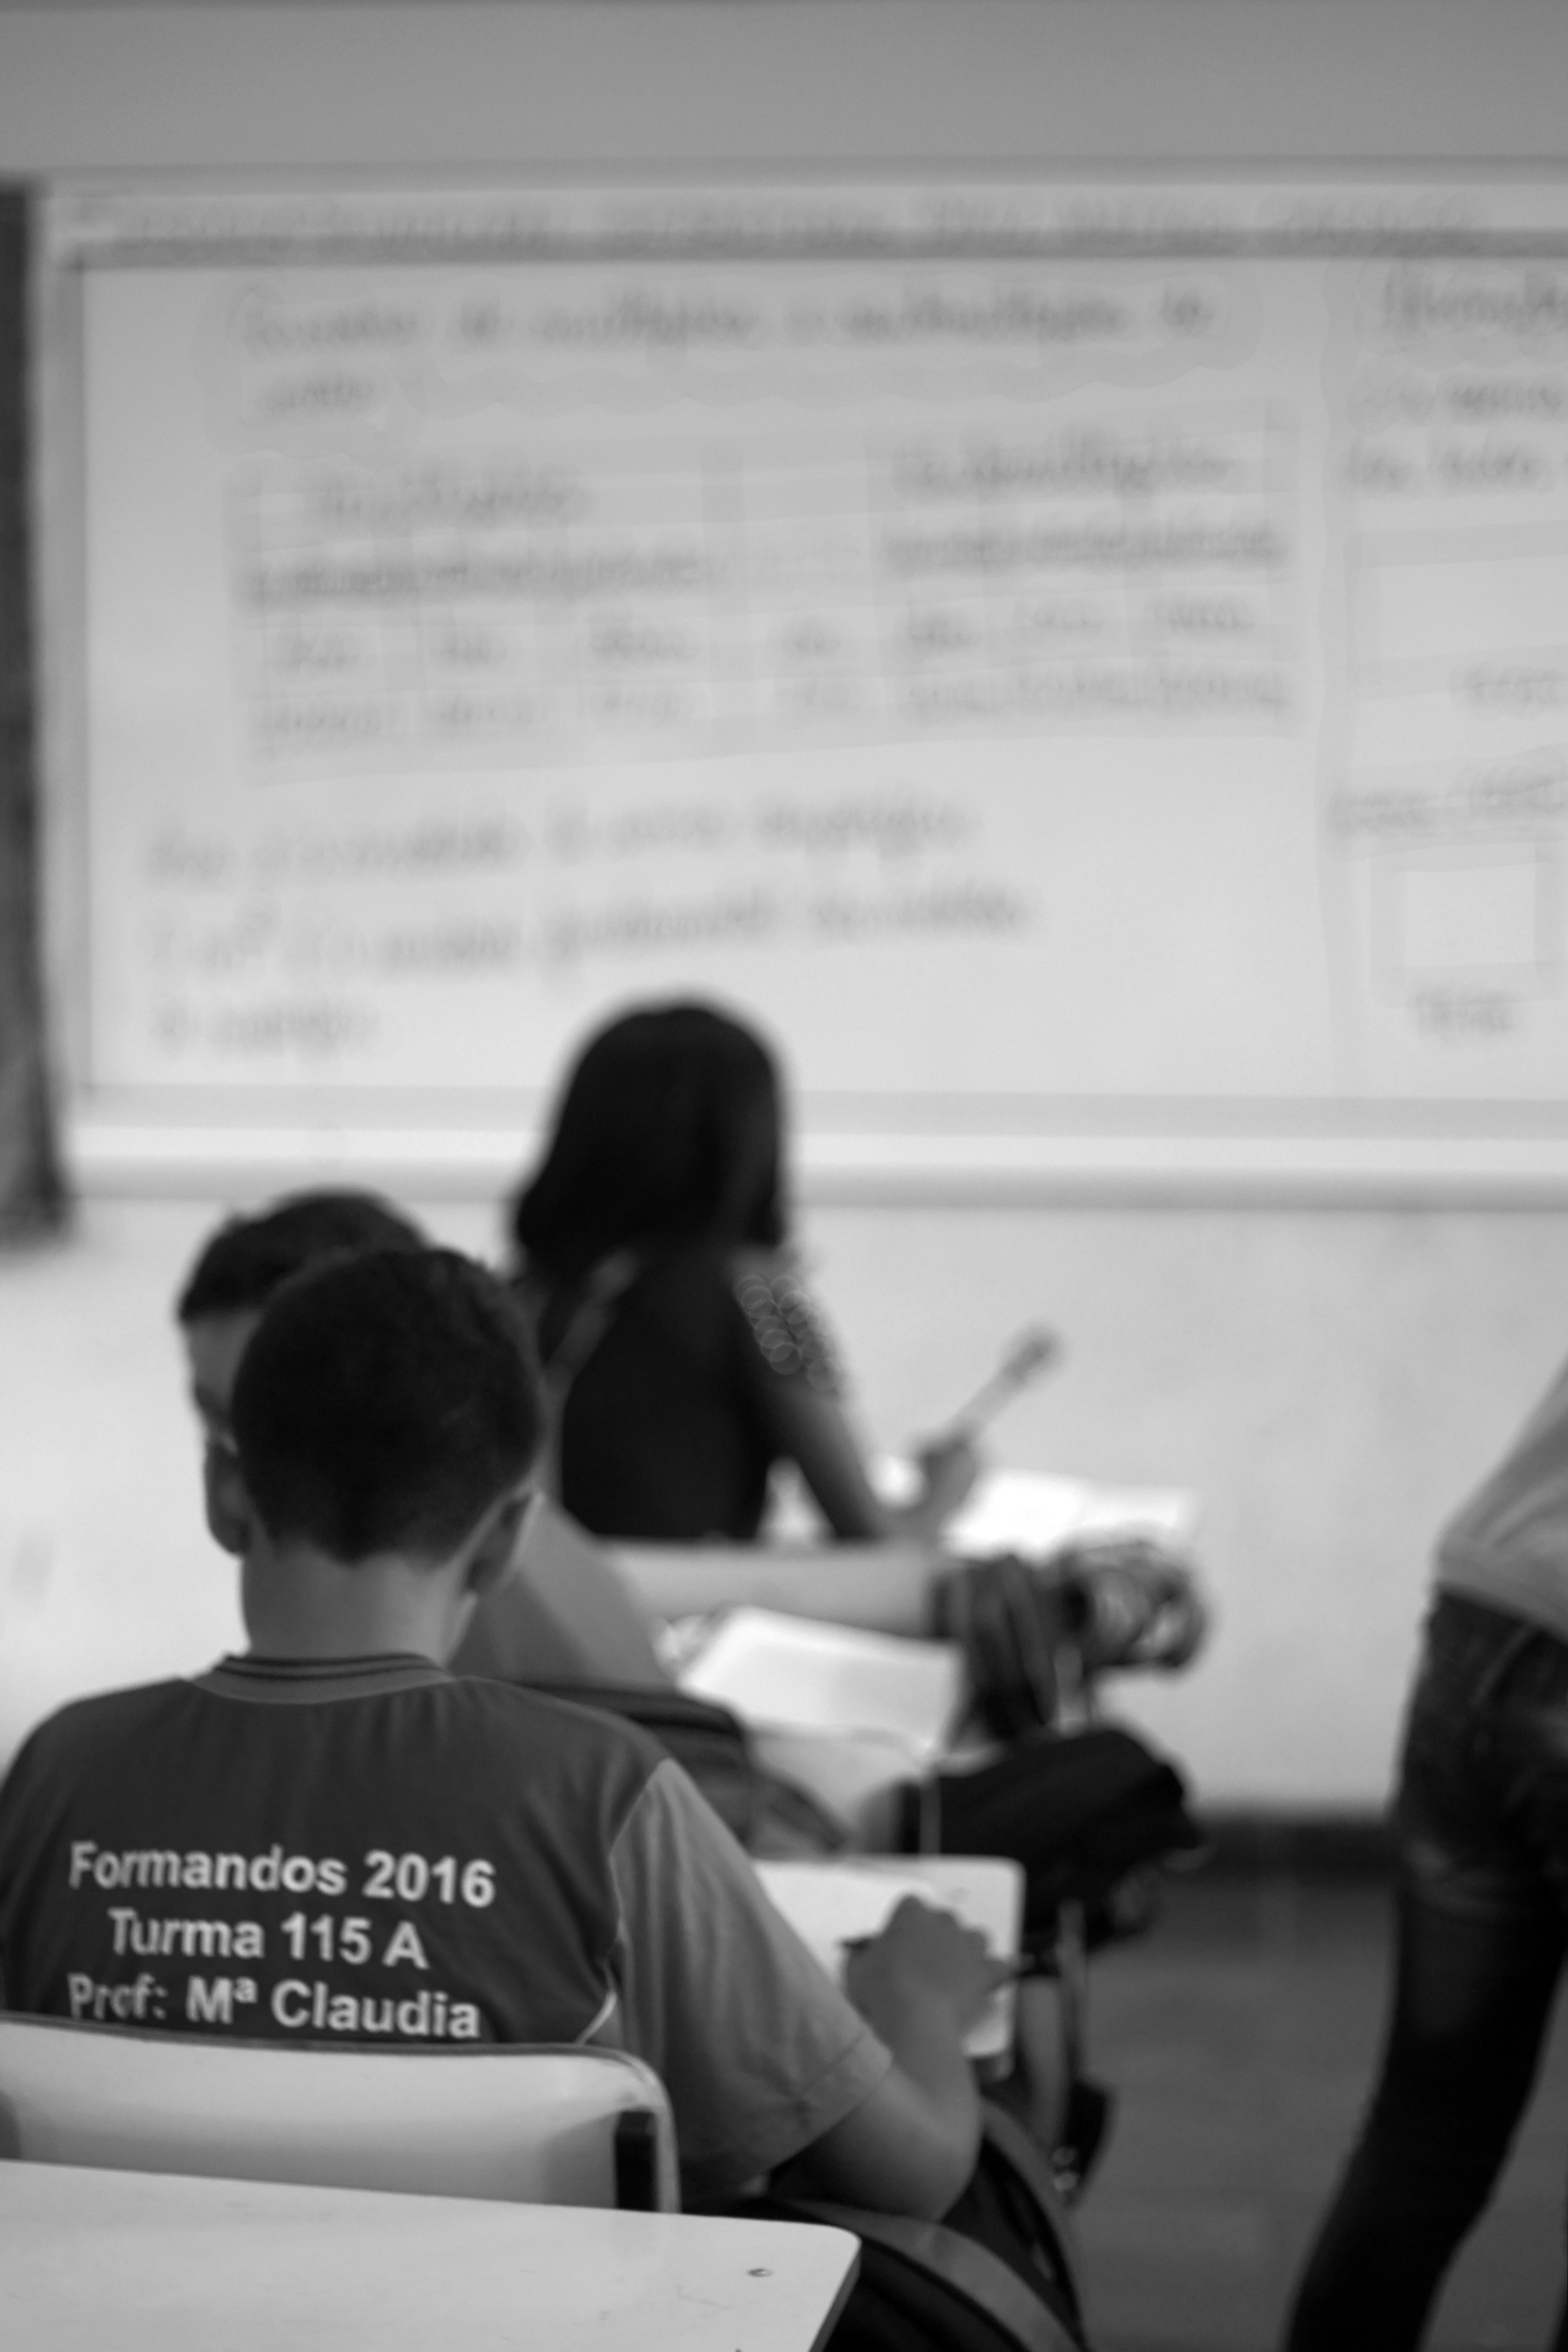 Sobre A Escolarização Sem Aprendizagem, O Aprofundamento Da Desigualdade Social E Os Assuntos Proibidos, Texto De Raquel Speck